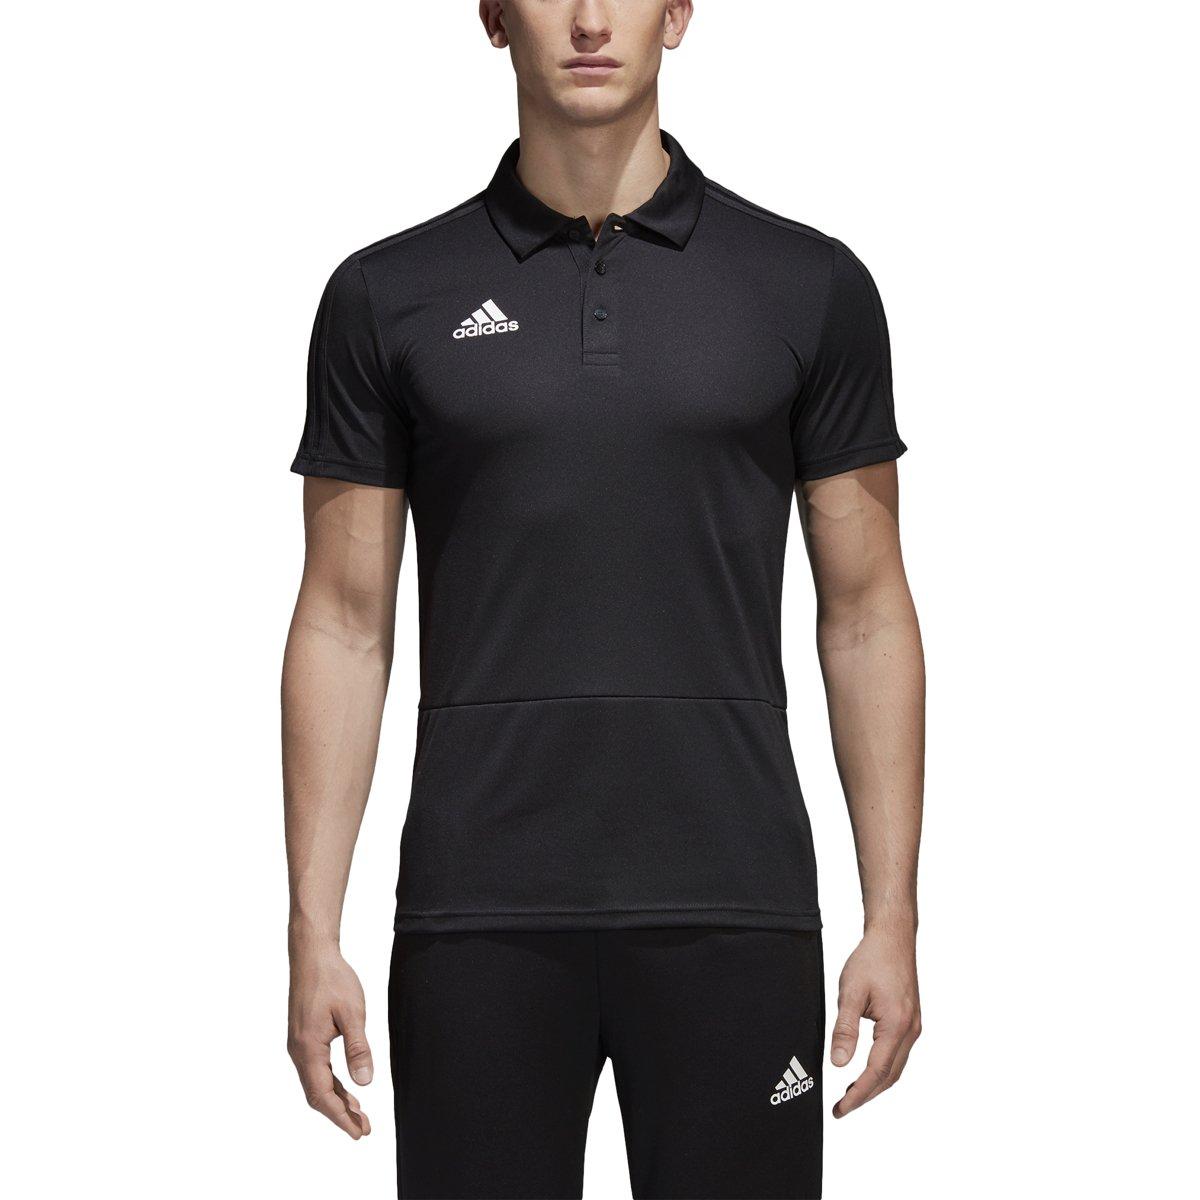 85ec52b1ab8 Amazon.com: adidas Men's Condivo 18 Polo Shirt: Clothing